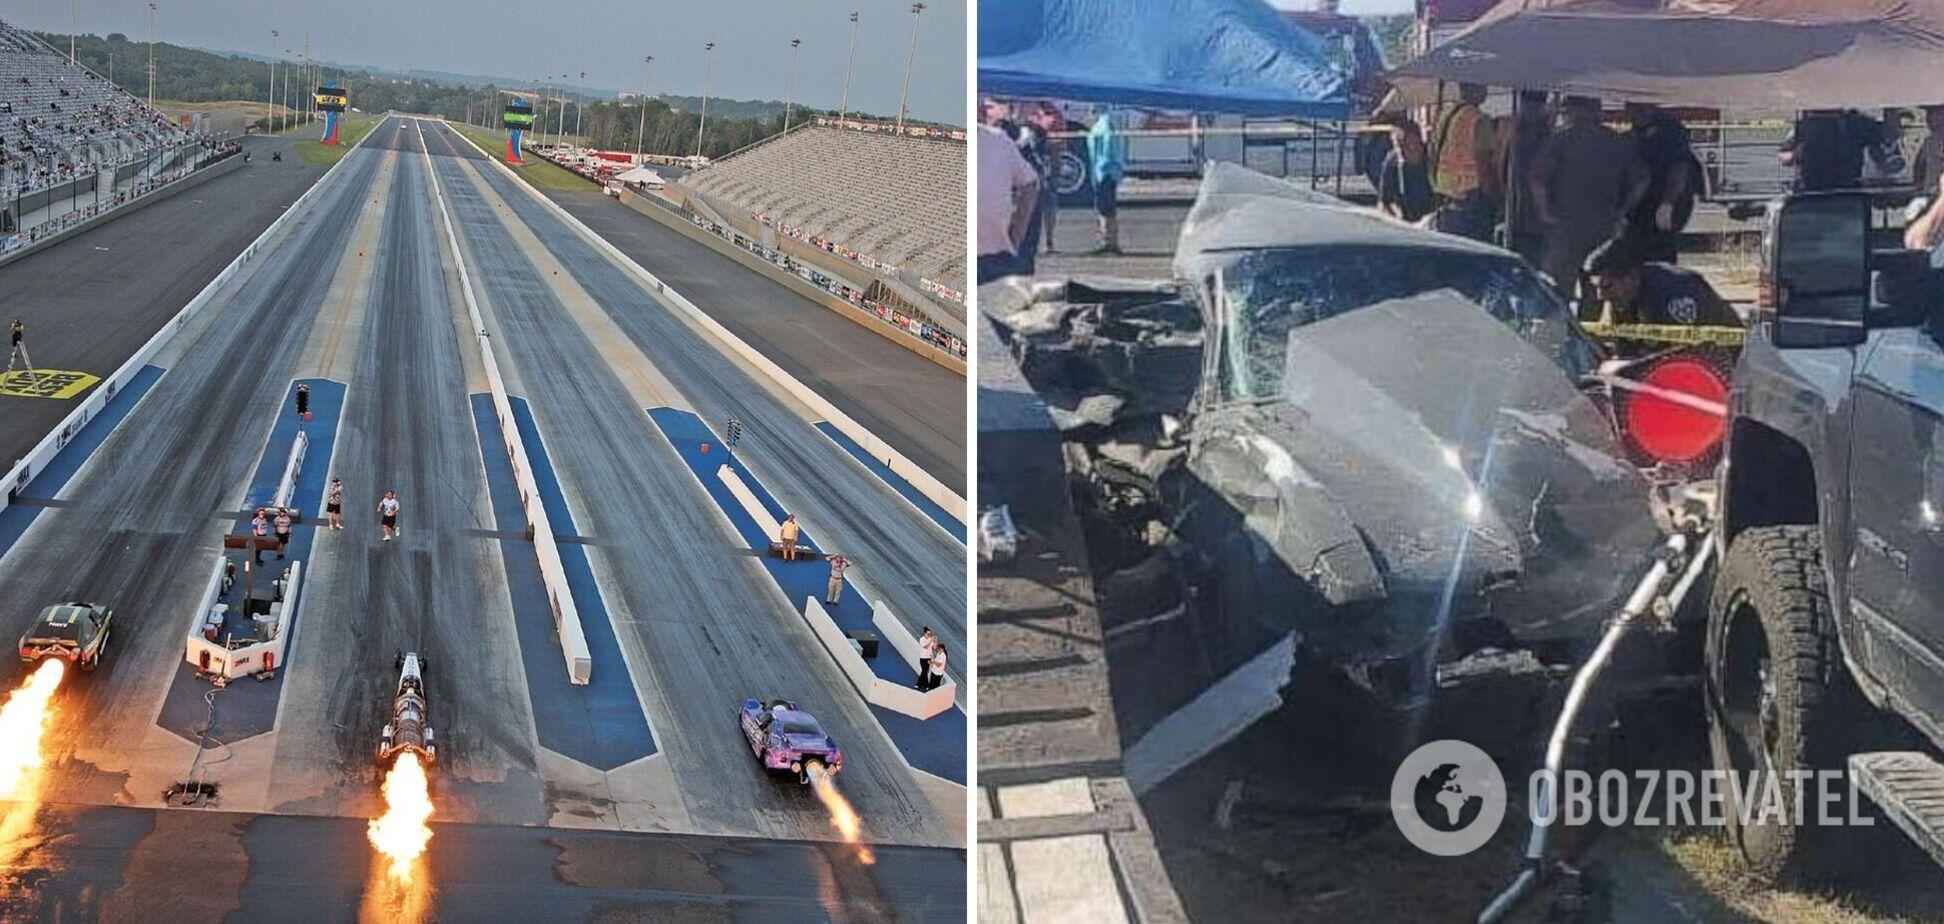 У Техасі автогонщик в'їхав у натовп глядачів: загинули діти